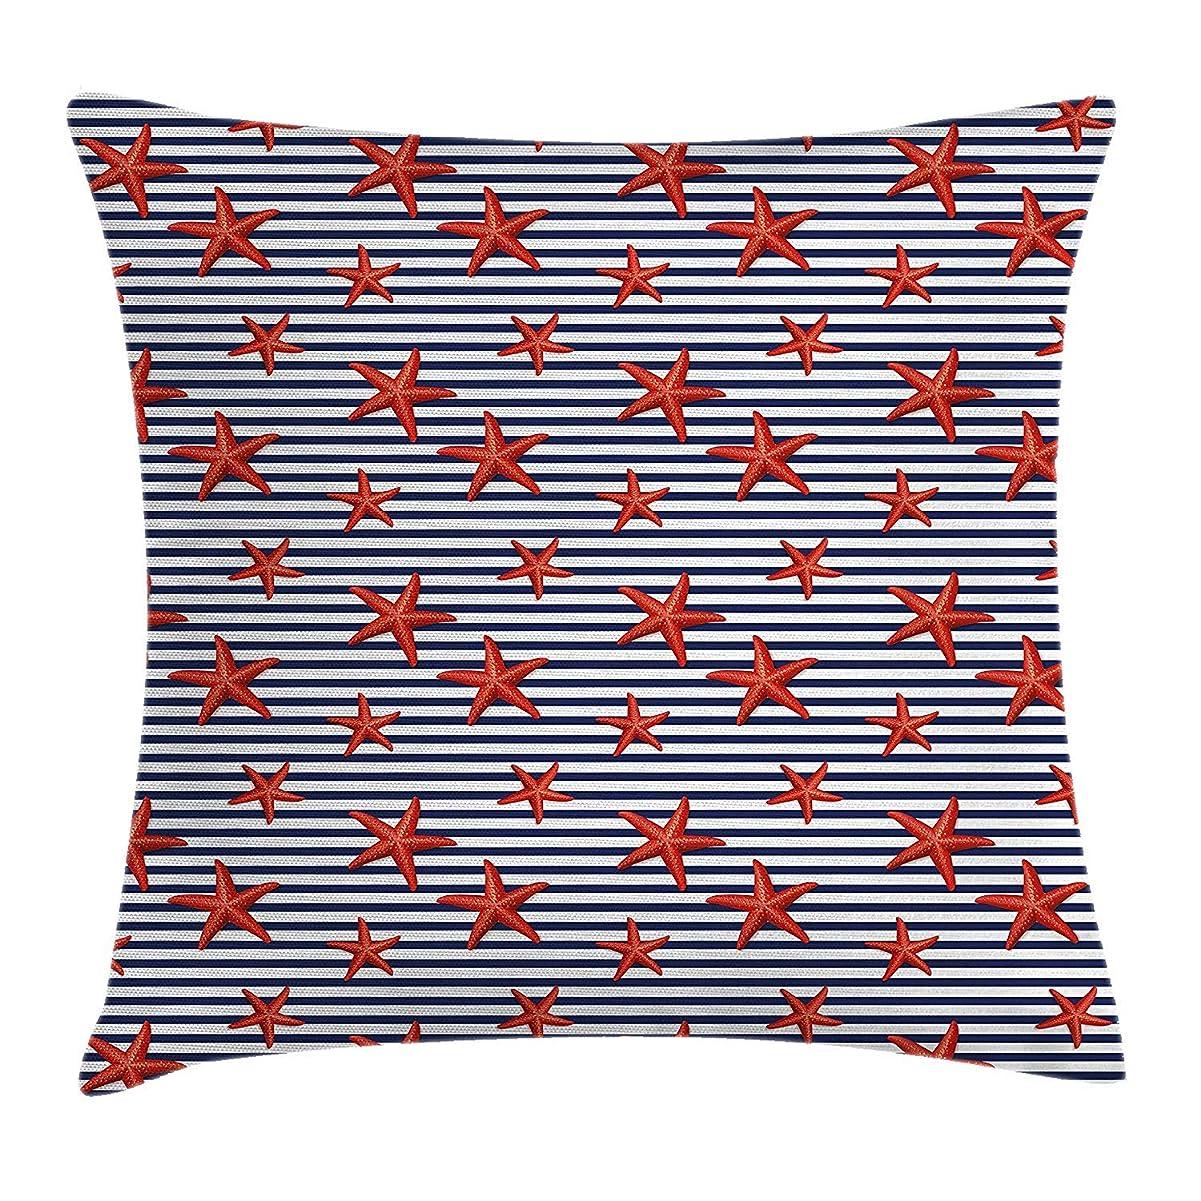 チップ是正するパスStarfish Throw Pillow Cushion Cover, Classical Striped Backdrop with Red Colored Sea Stars Maritime Themed Pattern, Decorative Square Accent Pillow Case, 18 X 18 inches, Navy White Red